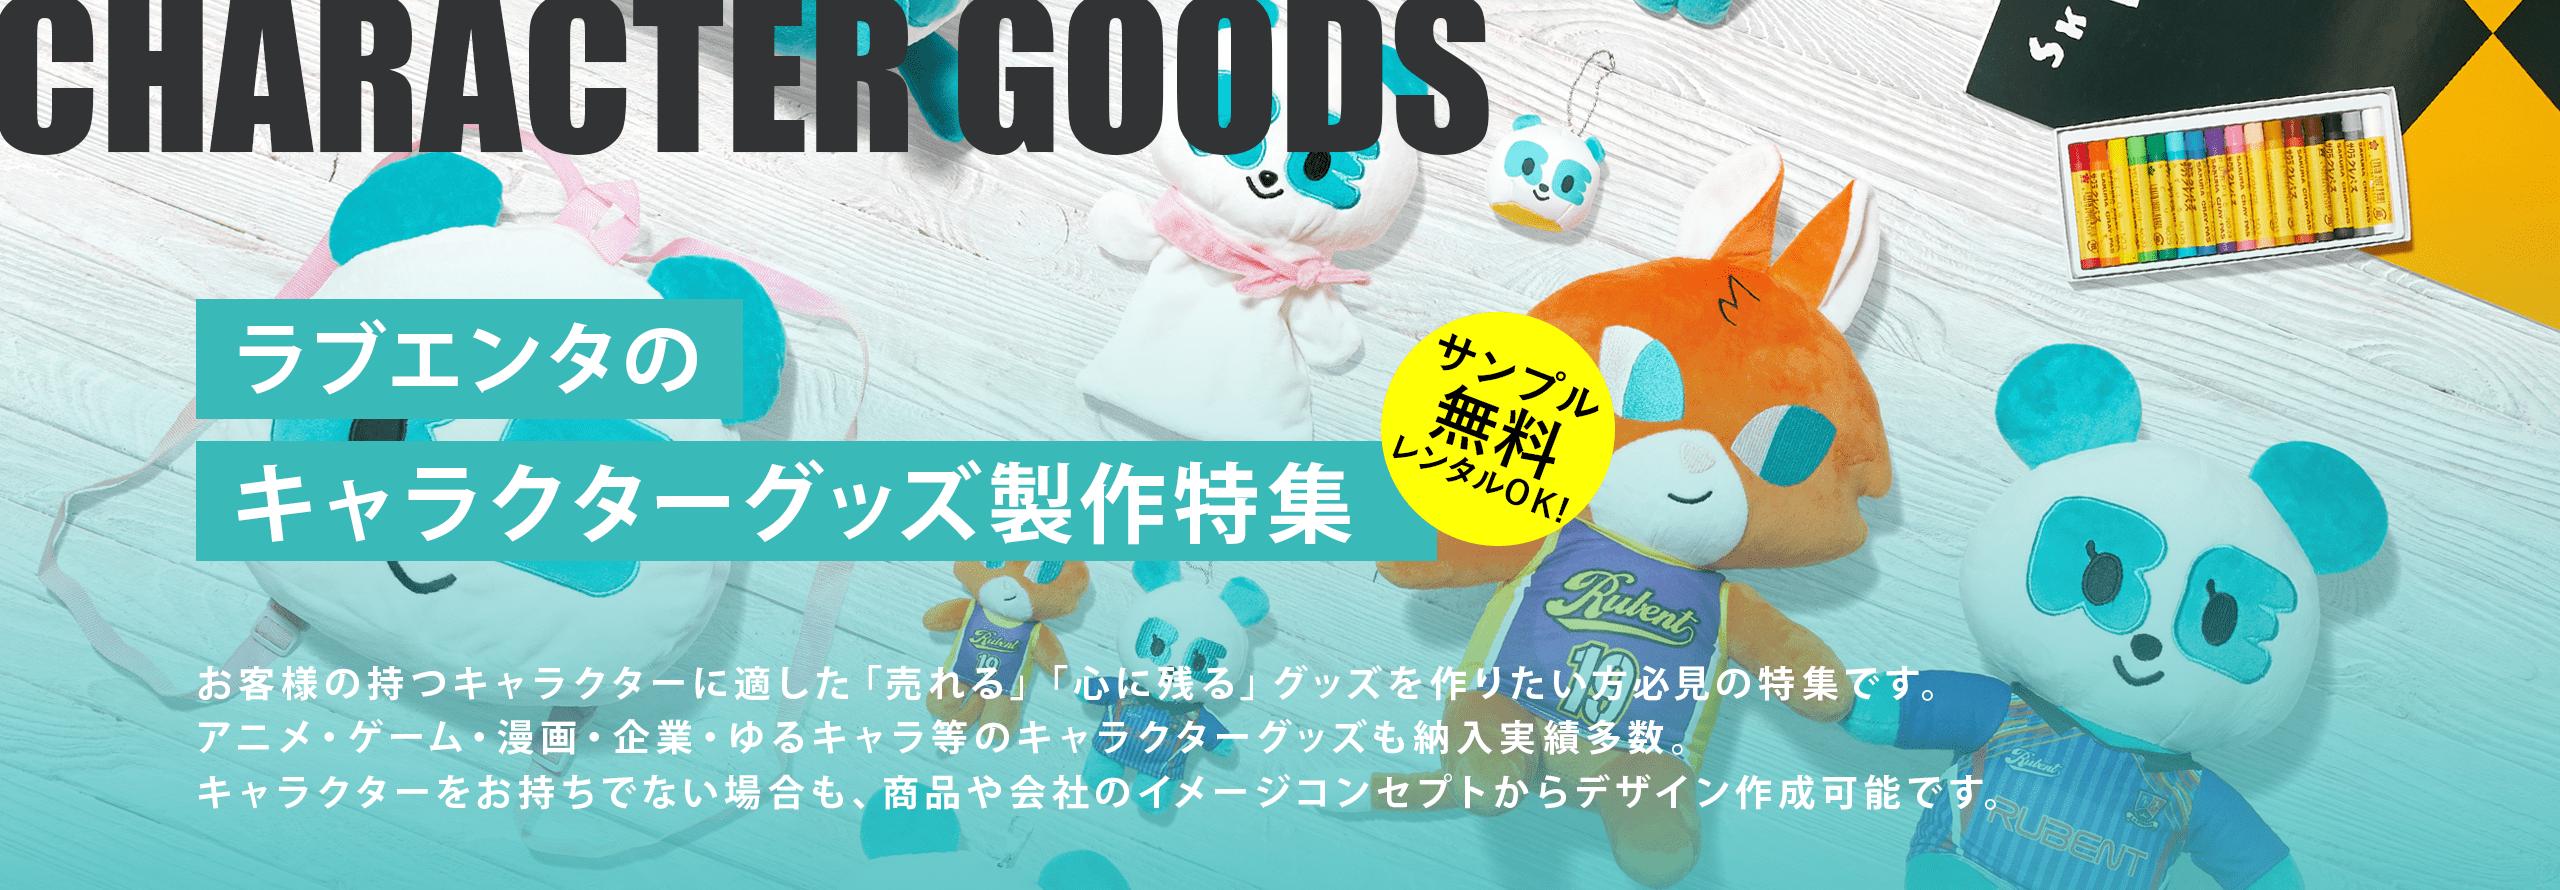 ラブエンタのキャラクターグッズ製作特集 お客様の持つキャラクターに適した「売れる」「心に残る」グッズを作りたい方必見の特集です。アニメ・ゲーム・漫画・企業・ゆるキャラ等のキャラクターグッズも納入実績多数。キャラクターをお持ちでない場合も、商品や会社のイメージ・コンセプトからデザイン作成可能です。